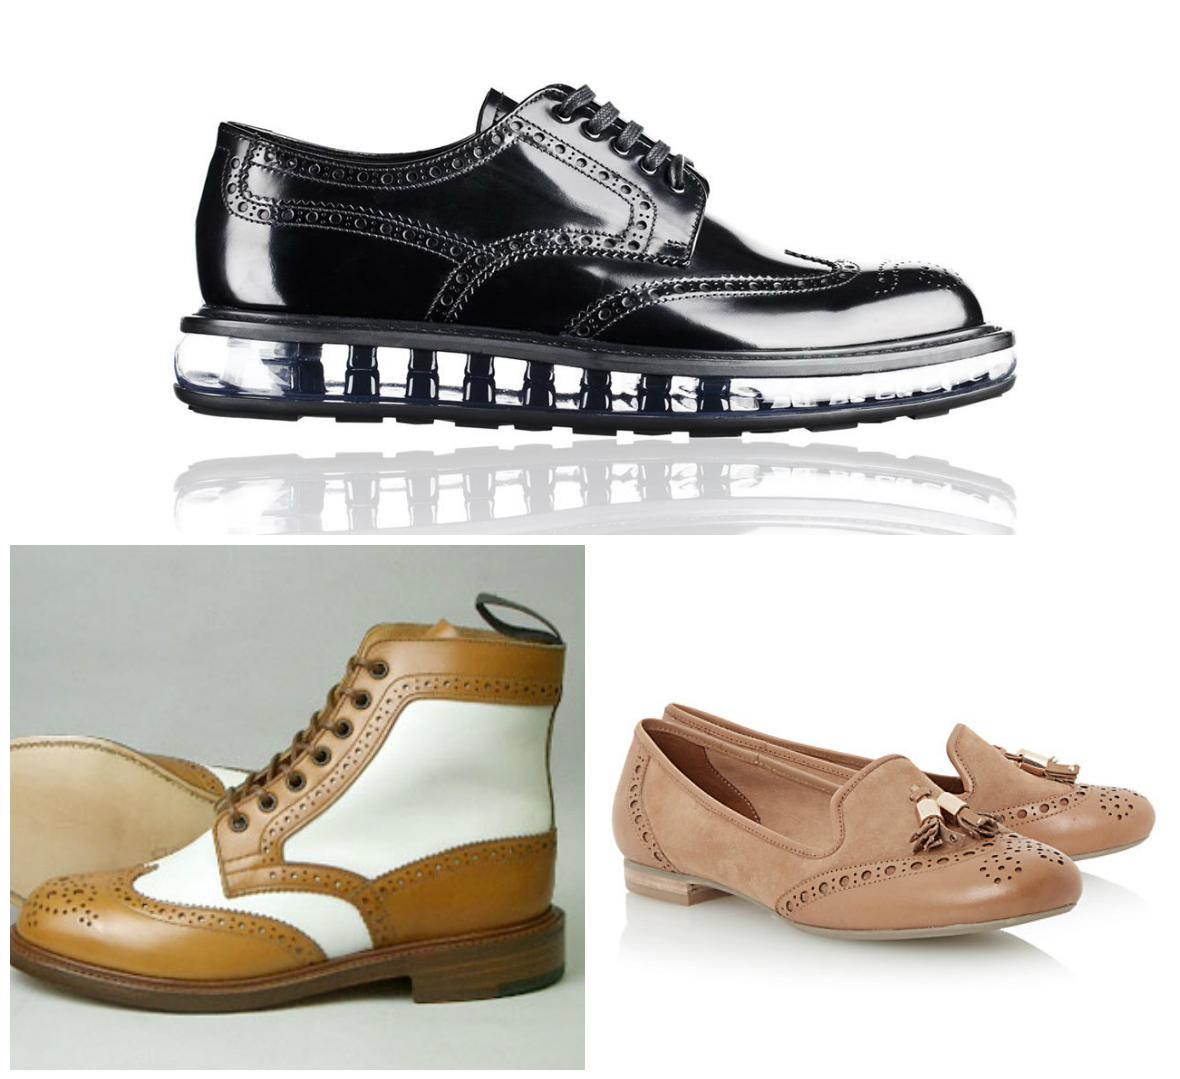 d205cc9ccf9b Что такое броги: как правильно носить и где купить